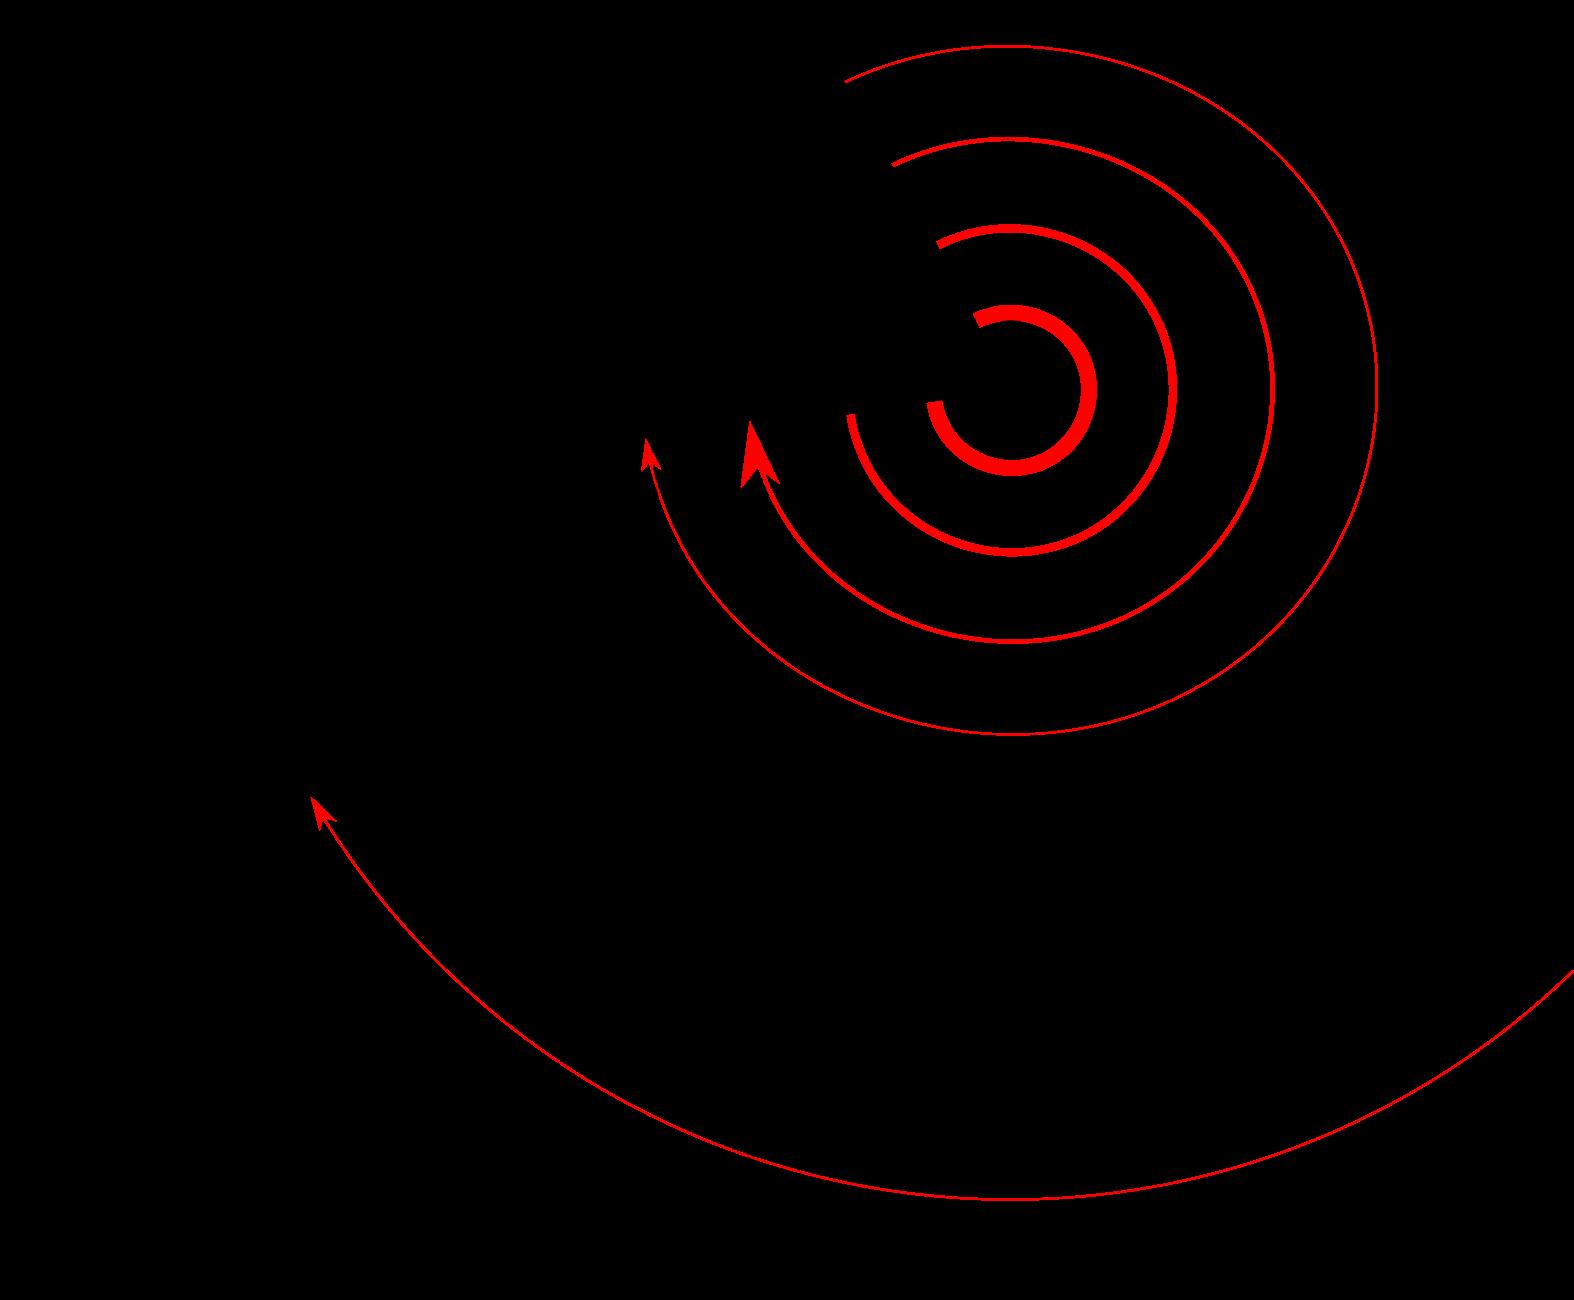 Elektrische Und Magnetische Felder Bi Niedernhausen Eppstein E V